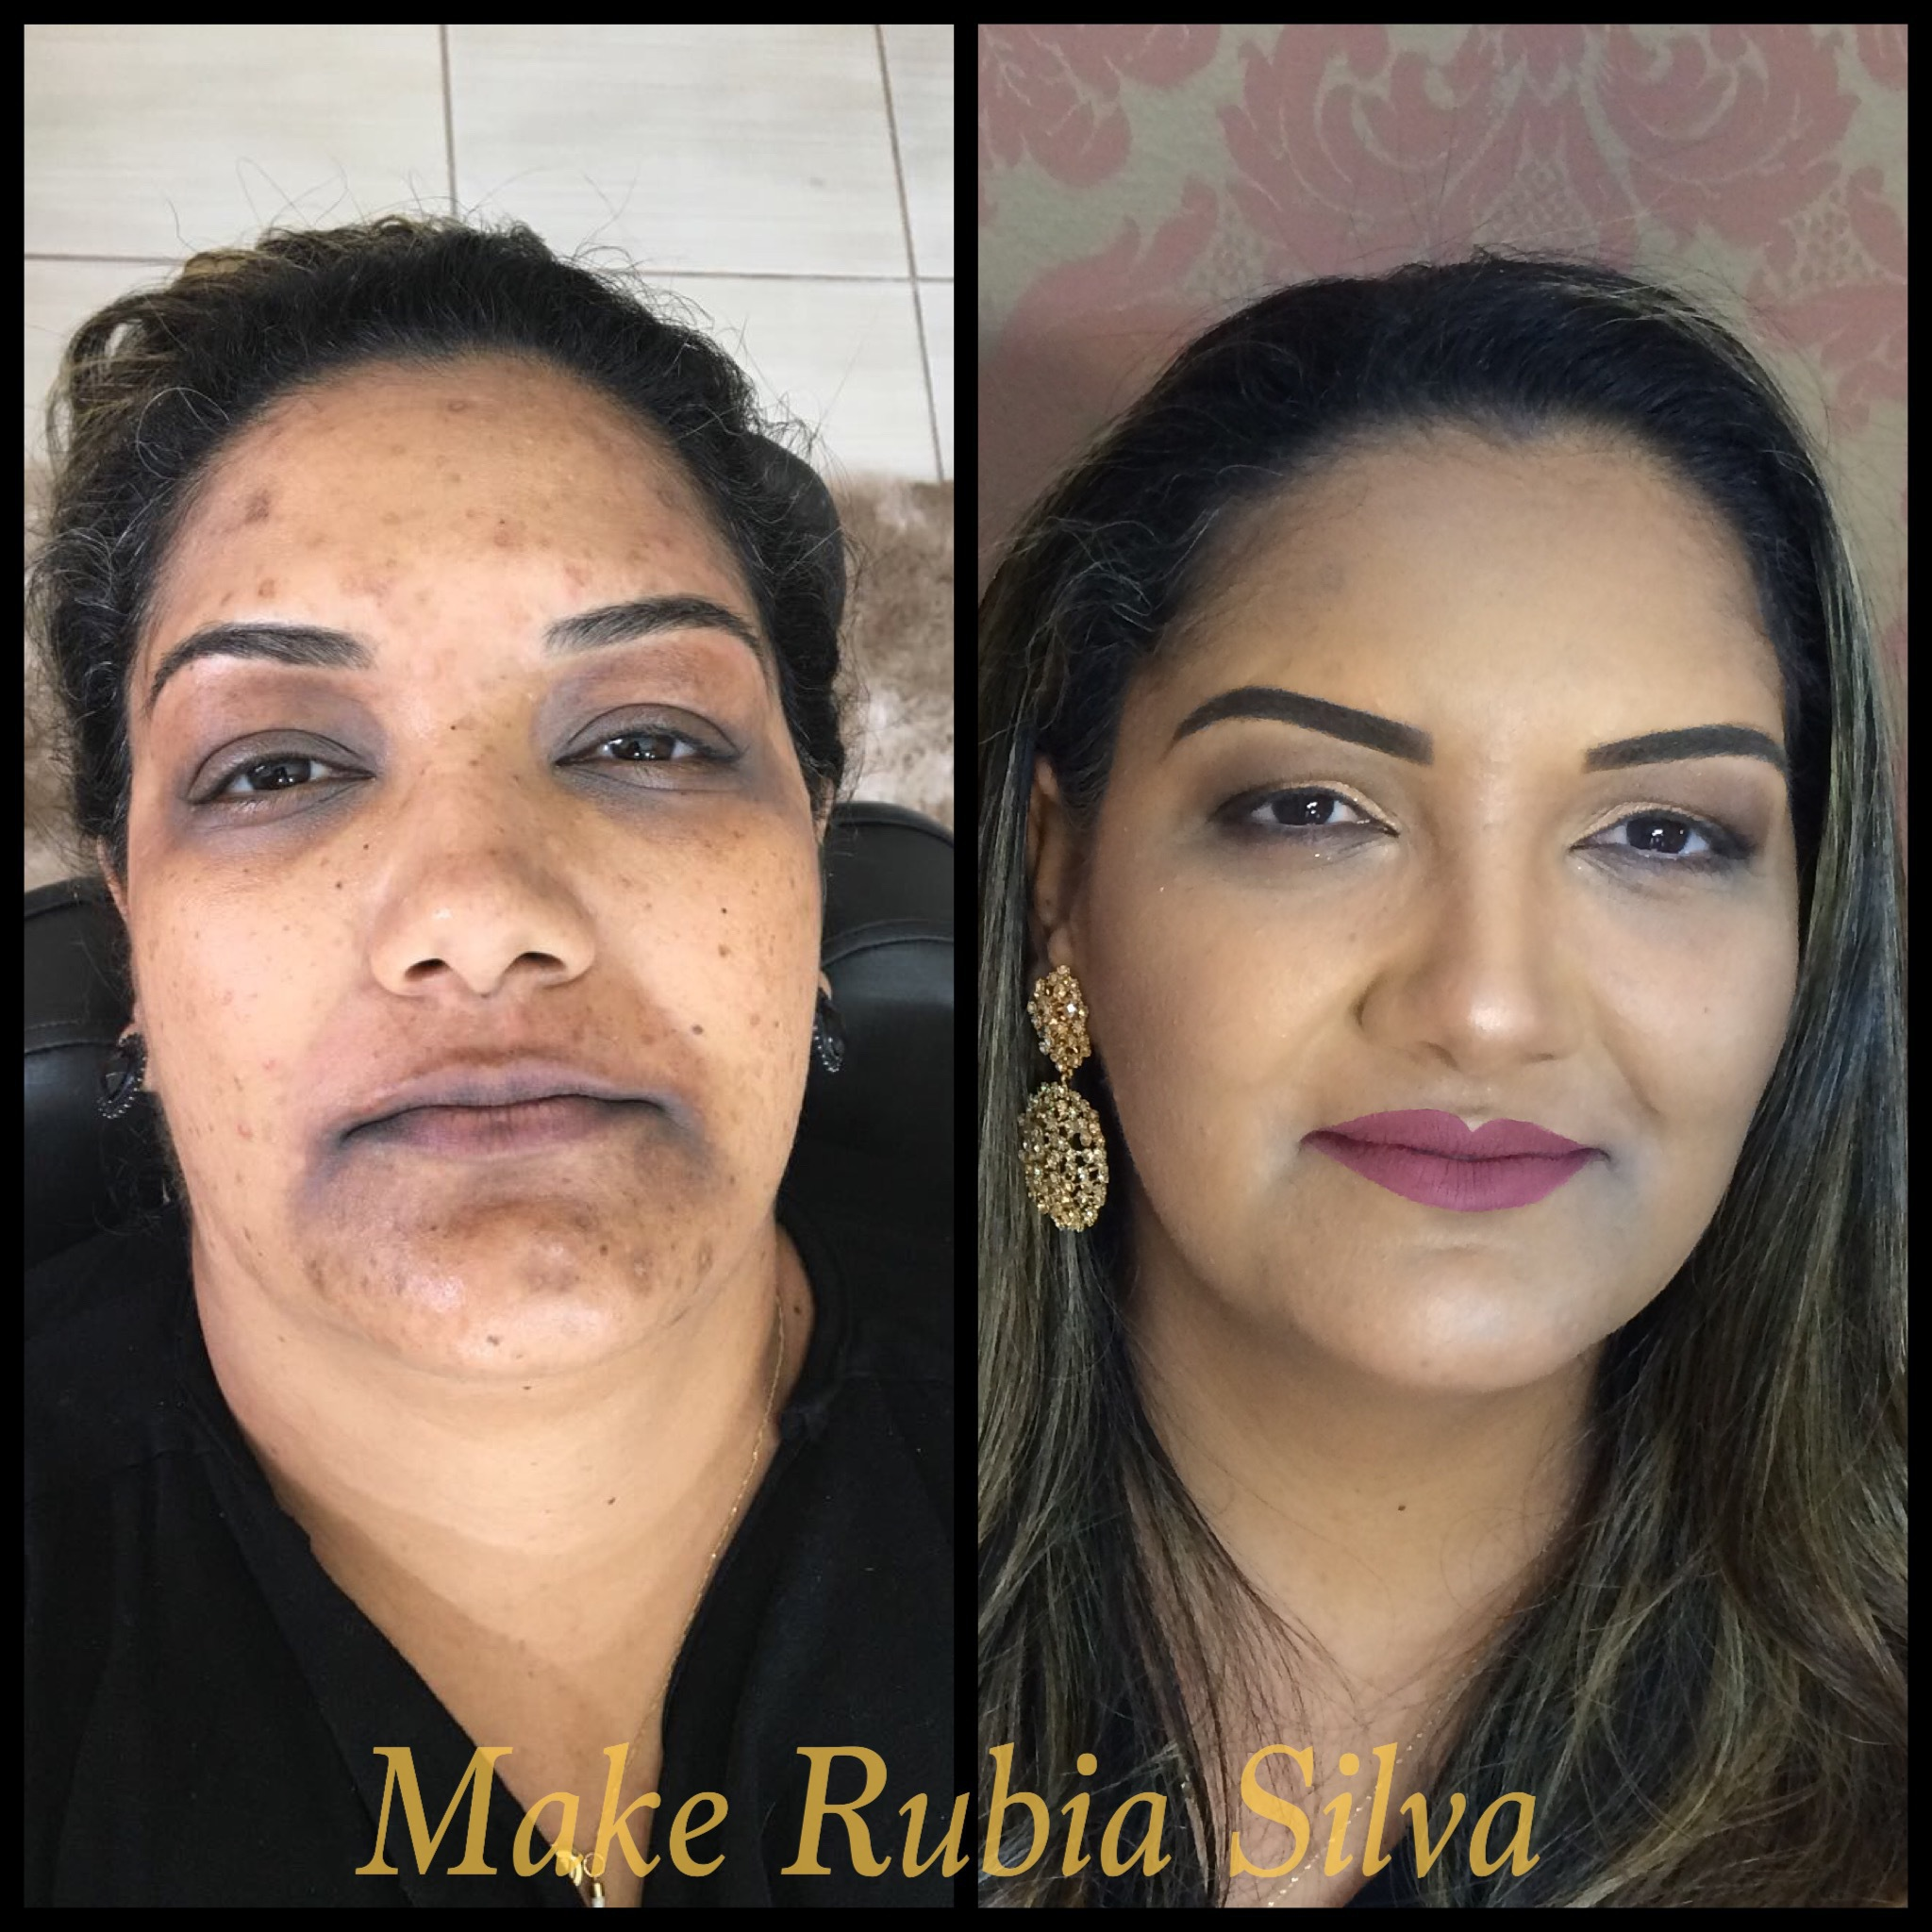 #maquiagem #rubiasilvamakeup #simonerodriguesdepil #makeup maquiagem designer de sobrancelhas esteticista depilador(a) micropigmentador(a)